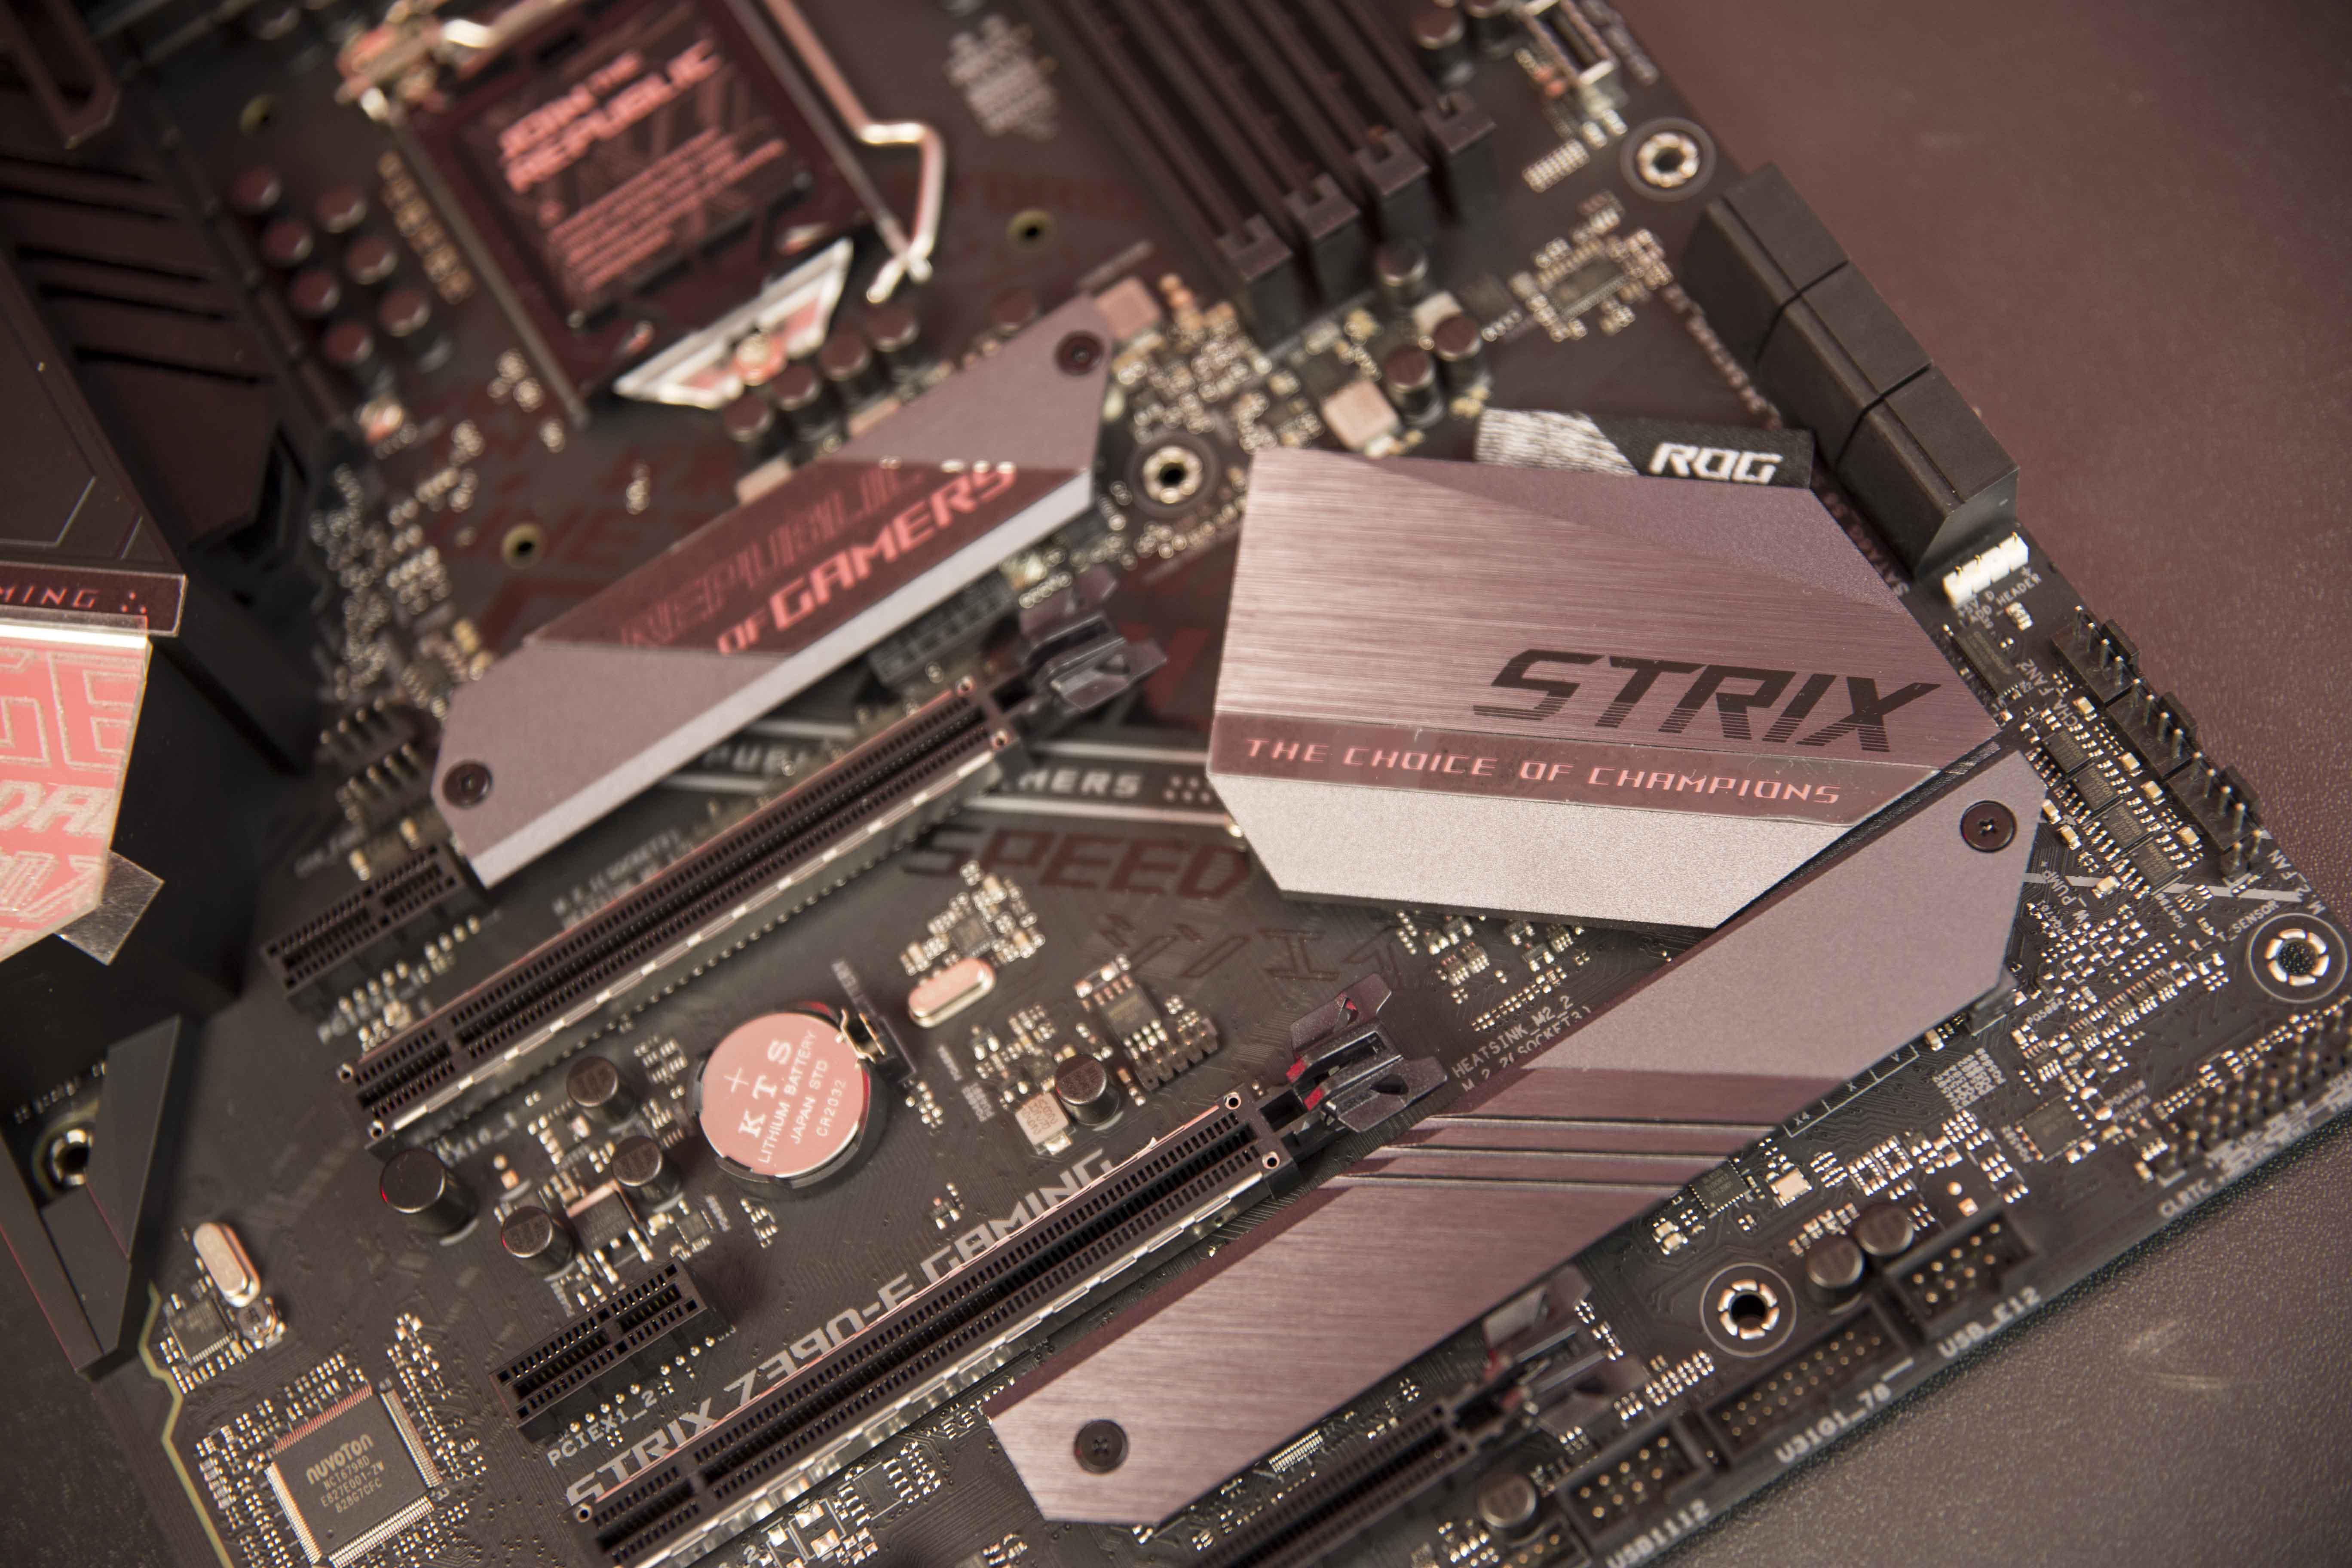 صُنعت من أجل اللاعبين    مراجعة ASUS ROG STRIX Z390-E Gaming - عرب